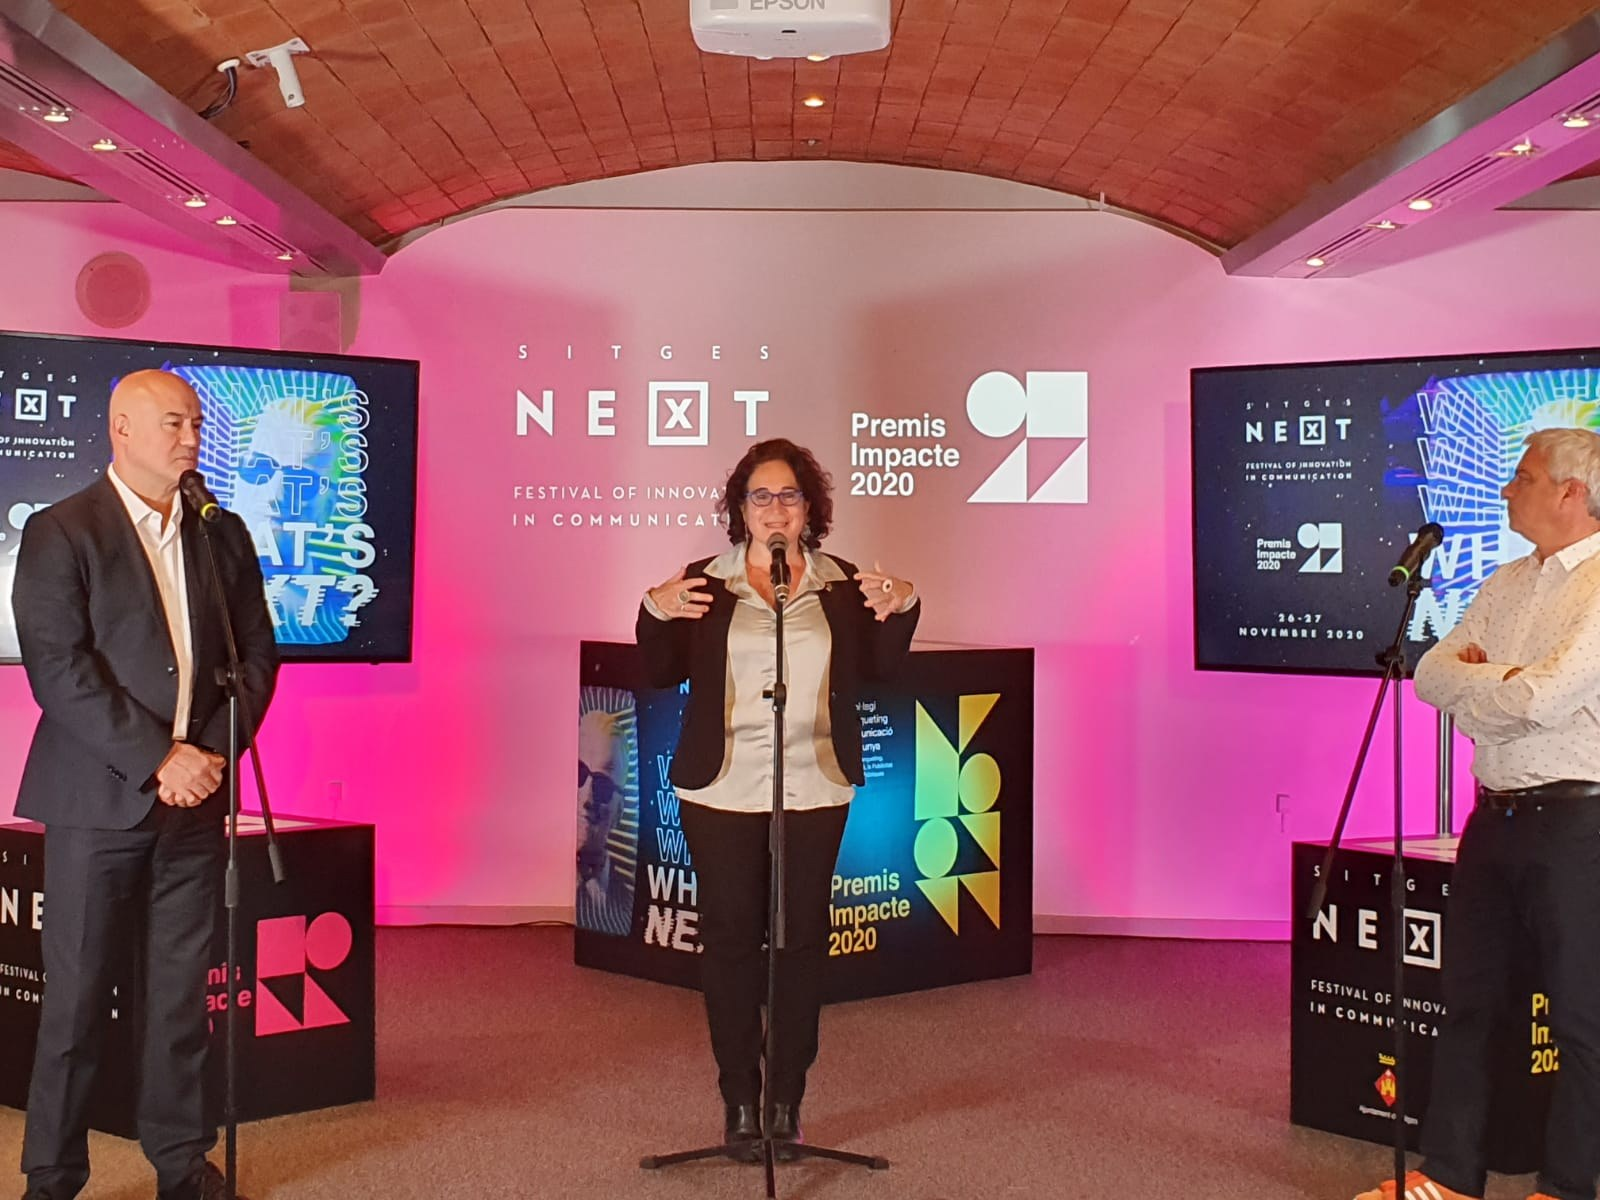 Sitges Next 2020 explora el futur i la innovació en comunicació amb un format híbrid